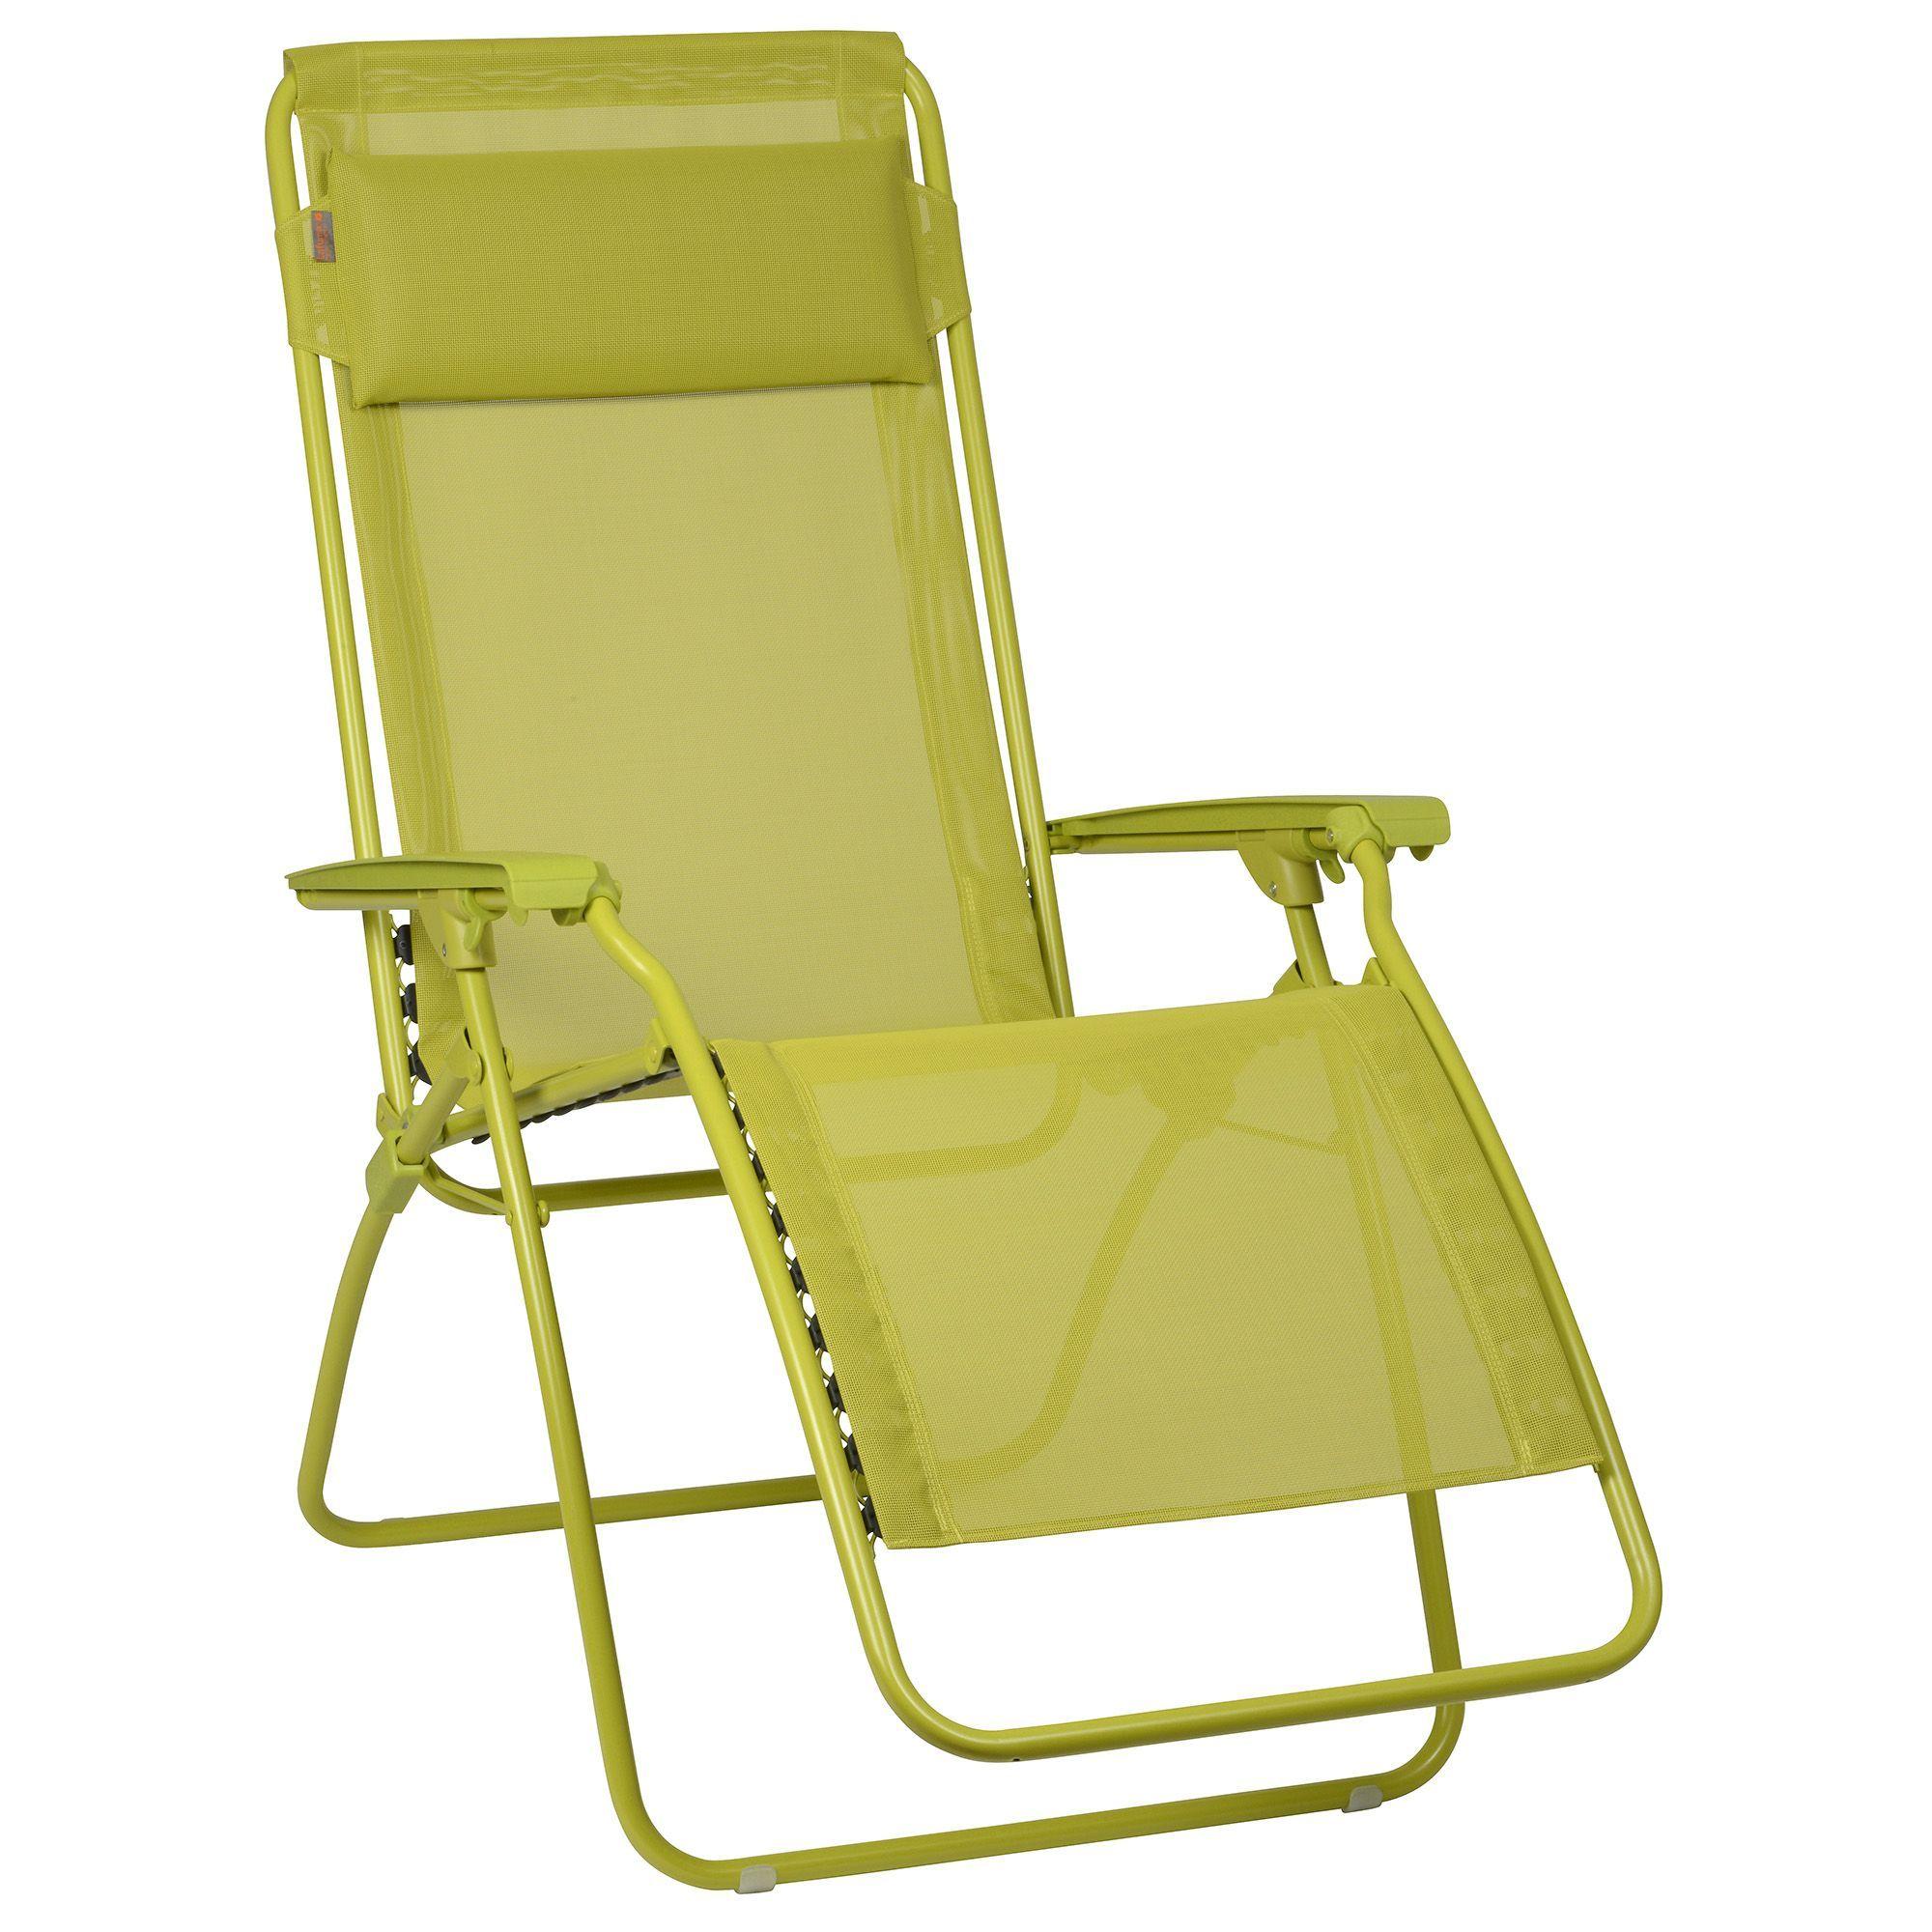 fauteuil relax pliable vert lafuma r clip chaises longues et chiliennes transats et chaises longues jardin par pice dcoration intrieur alinea - Fauteuil Relax Jardin Pliable